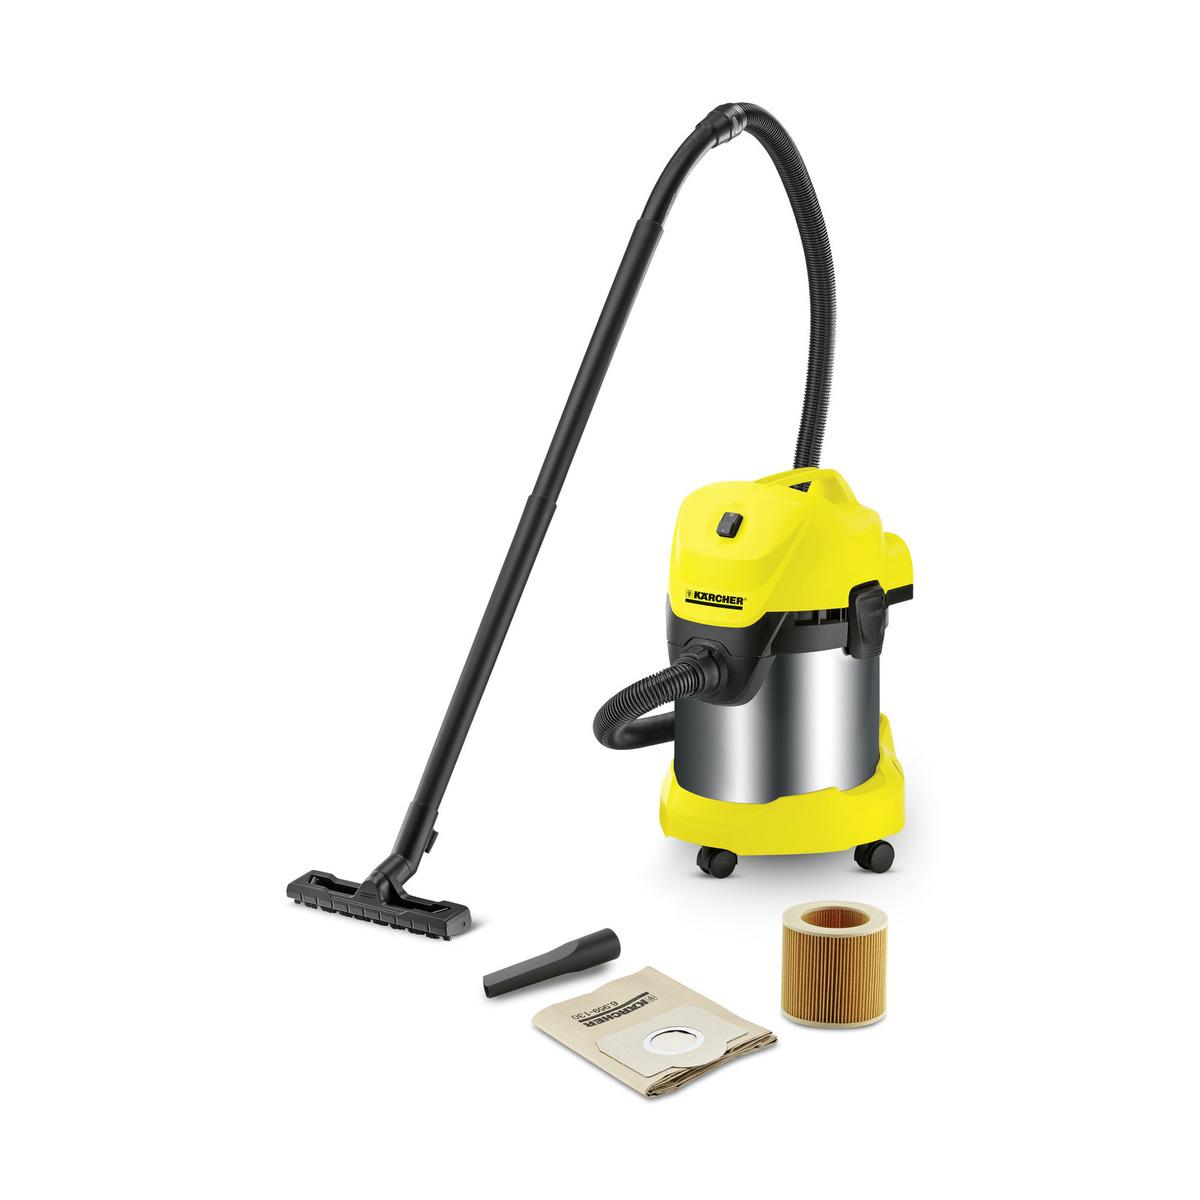 K/ärcher R/écup/érateur de poussi/ères de per/çage accessoire pour les aspirateurs multifonctions eau et poussi/ères